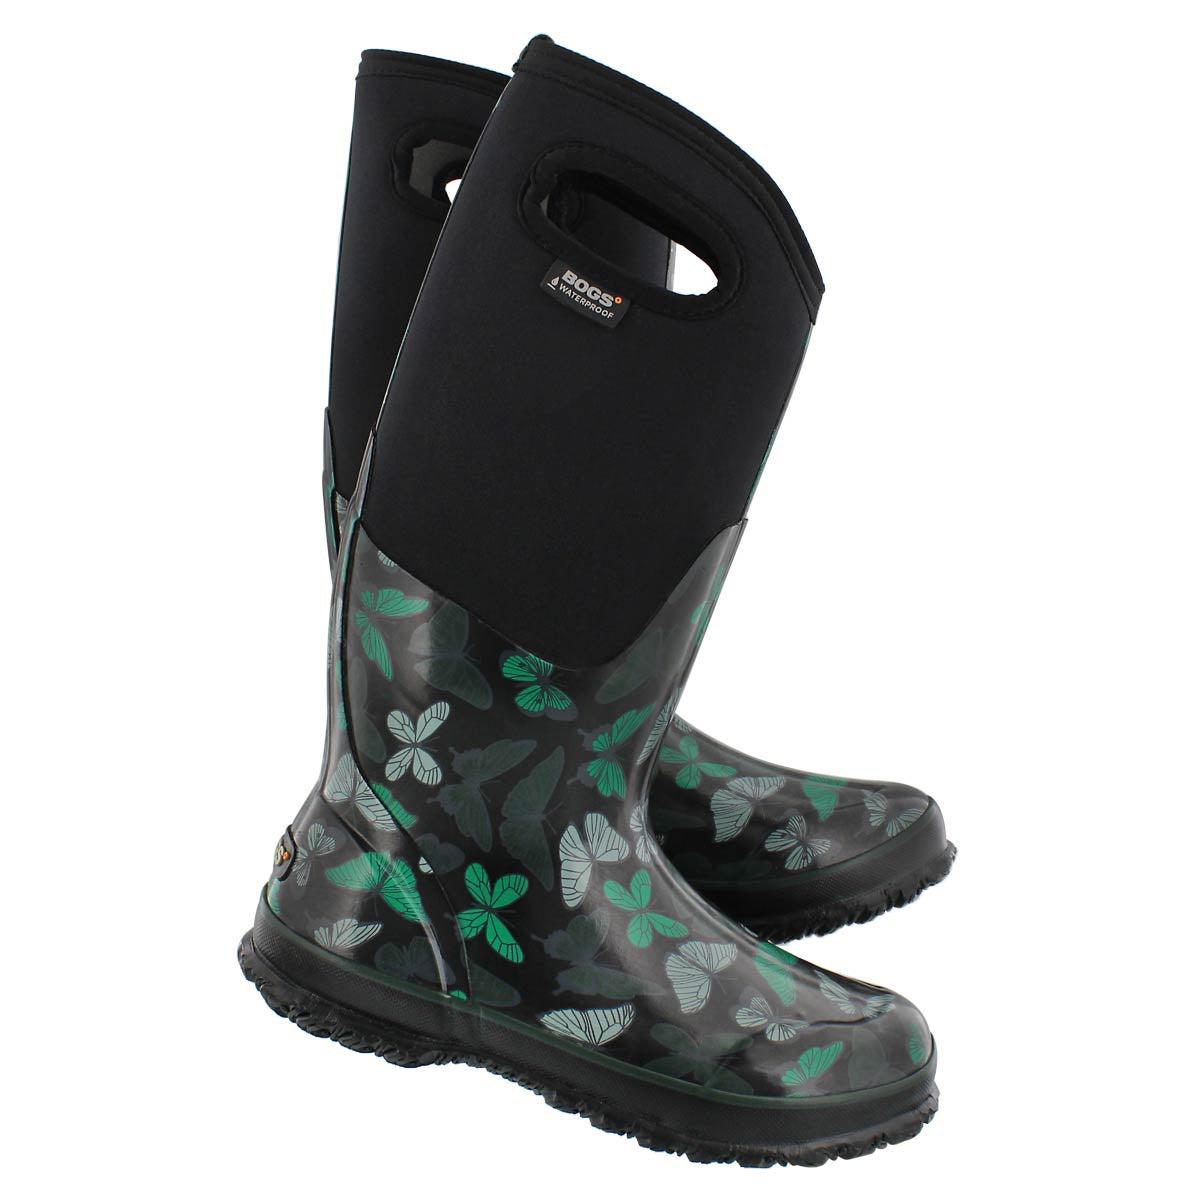 Lds Classic Butterflies black wtpf boot